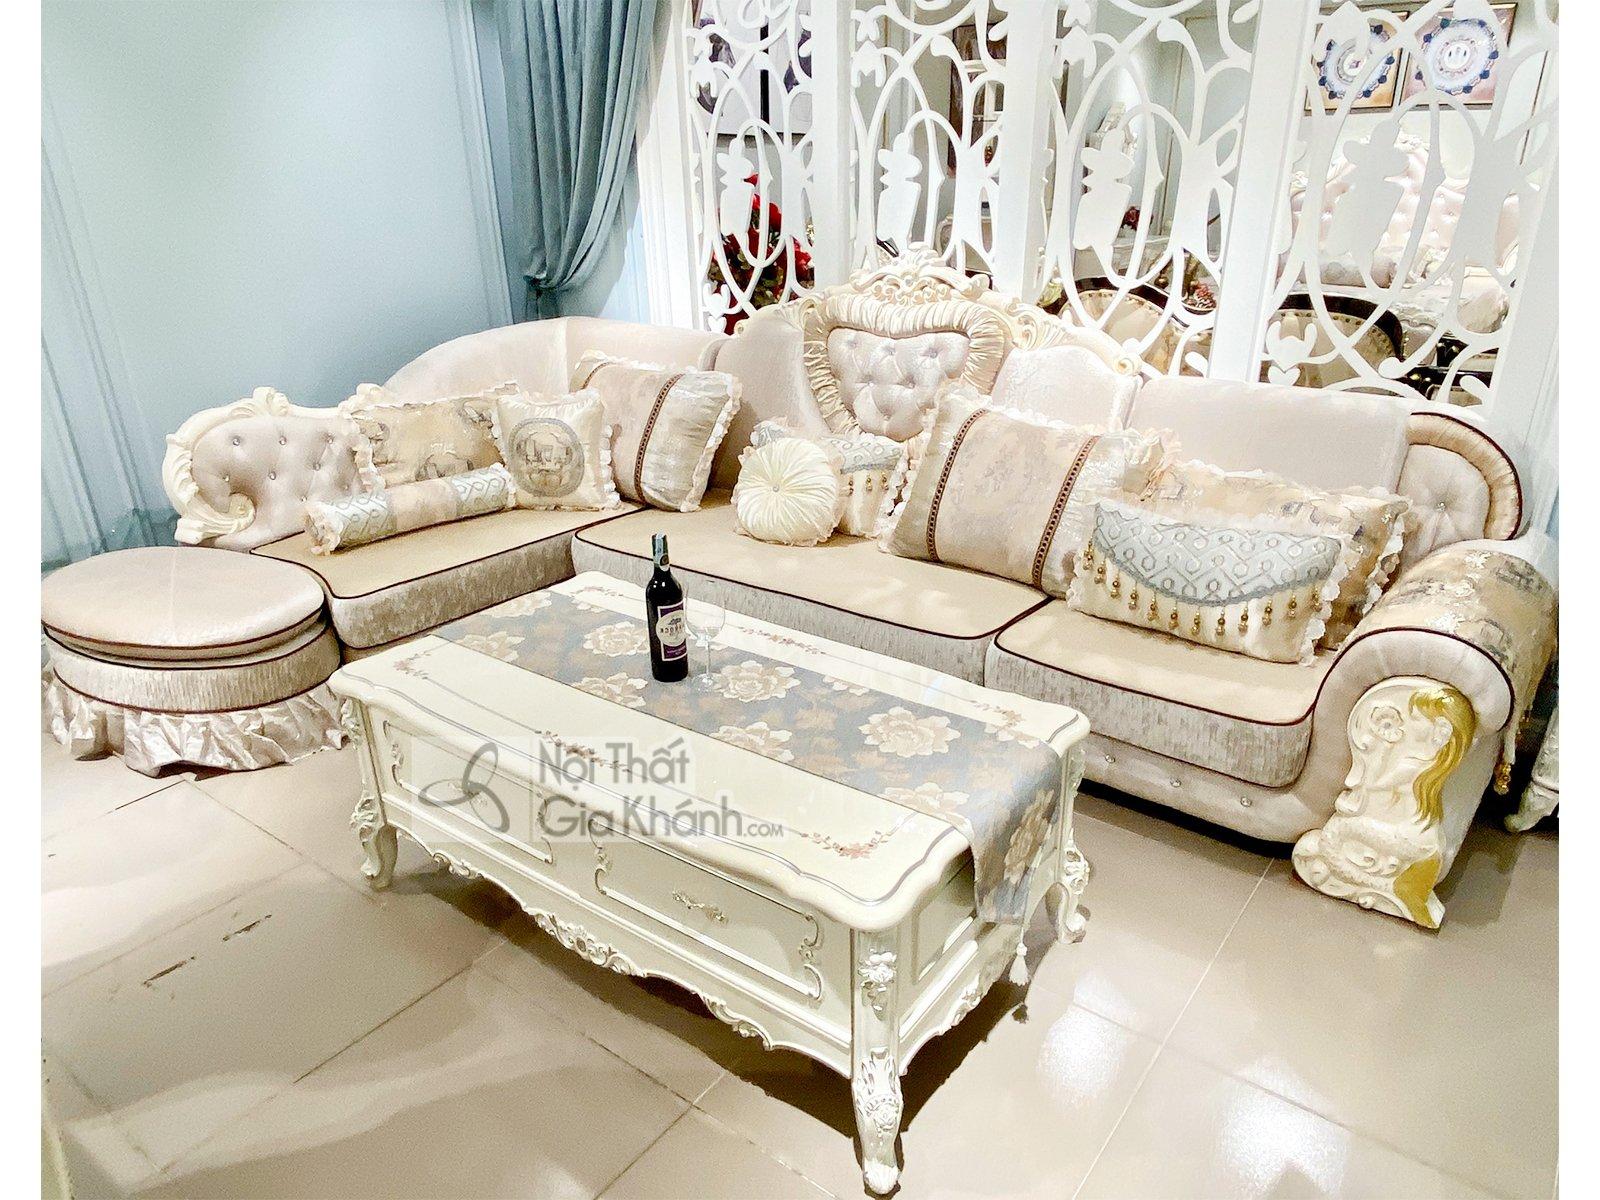 Bộ Sofa Nỉ Tân Cổ Điển Góc Phải Sp513-3